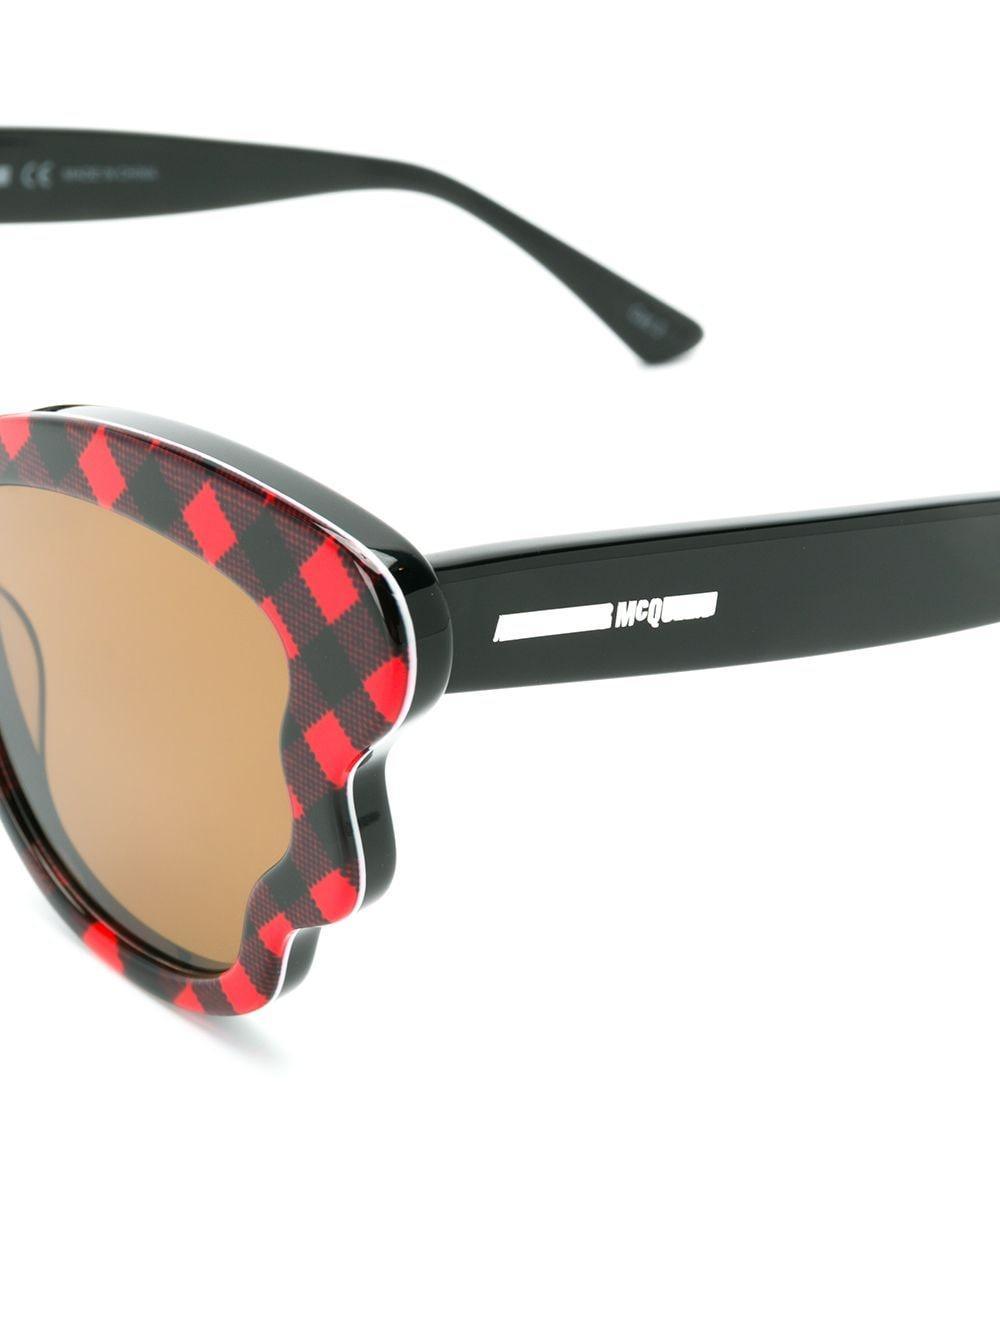 McQ Check Detail Sunglasses in Black